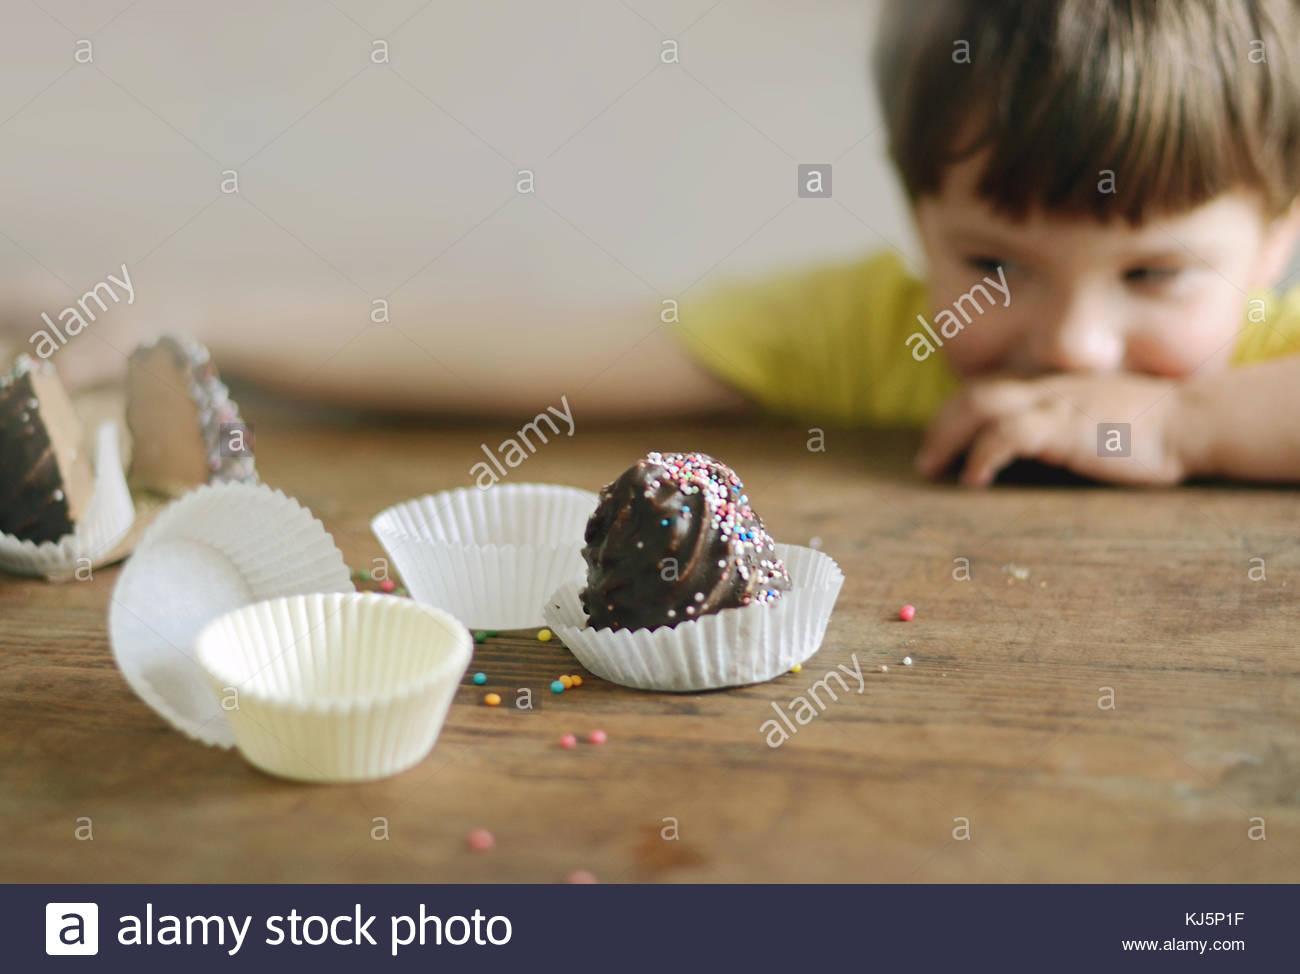 Garçon et muffins Photo Stock